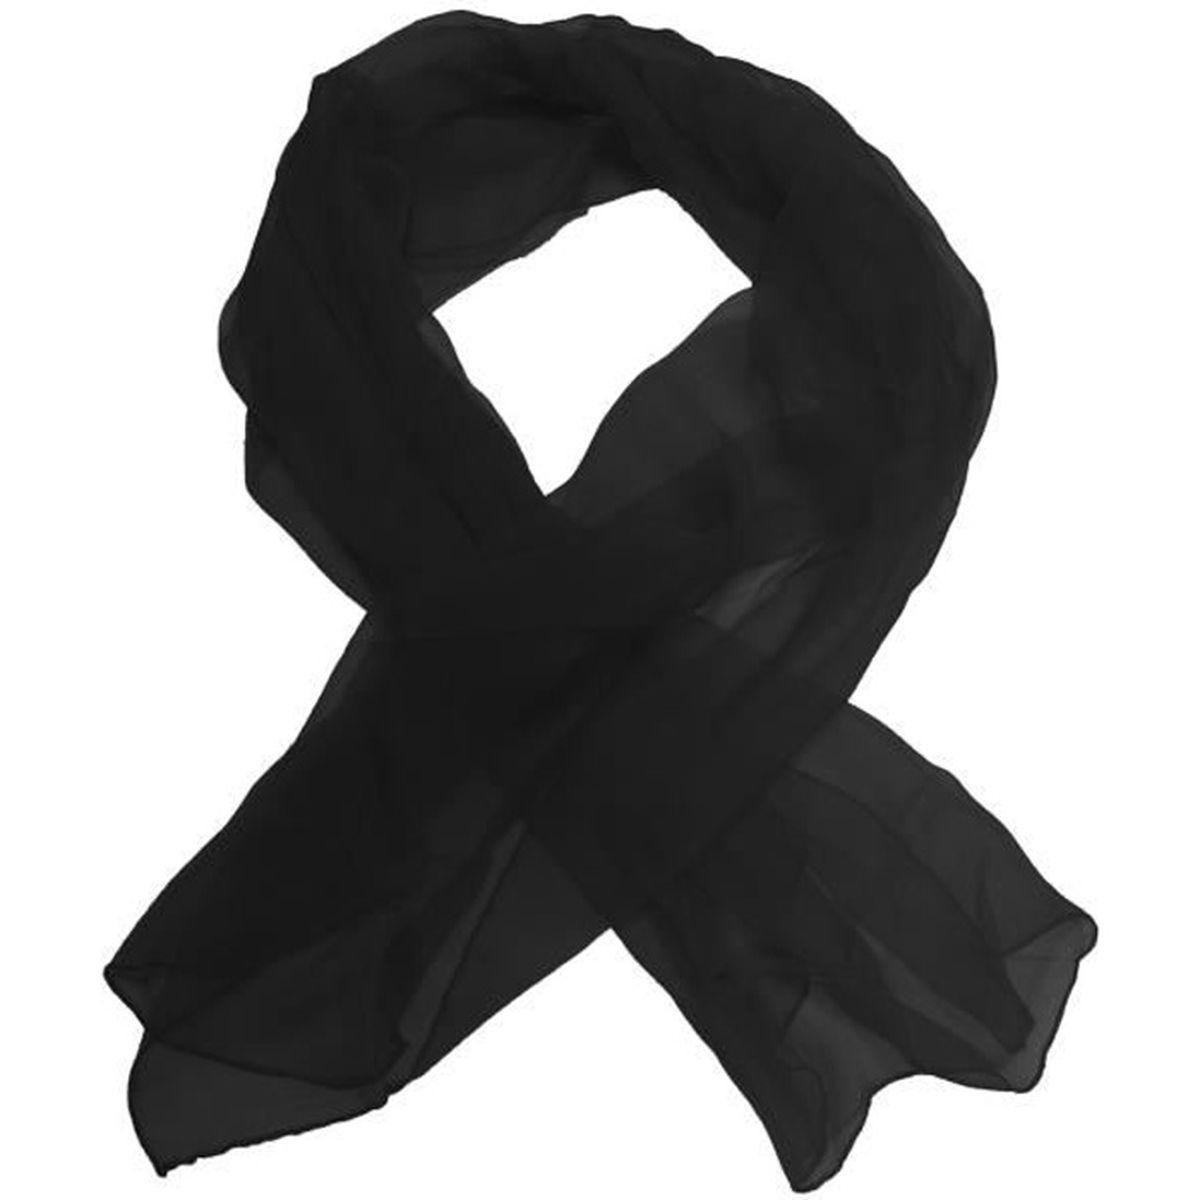 d6ddb99ba6 Foulard en soie noir femme - Achat / Vente pas cher